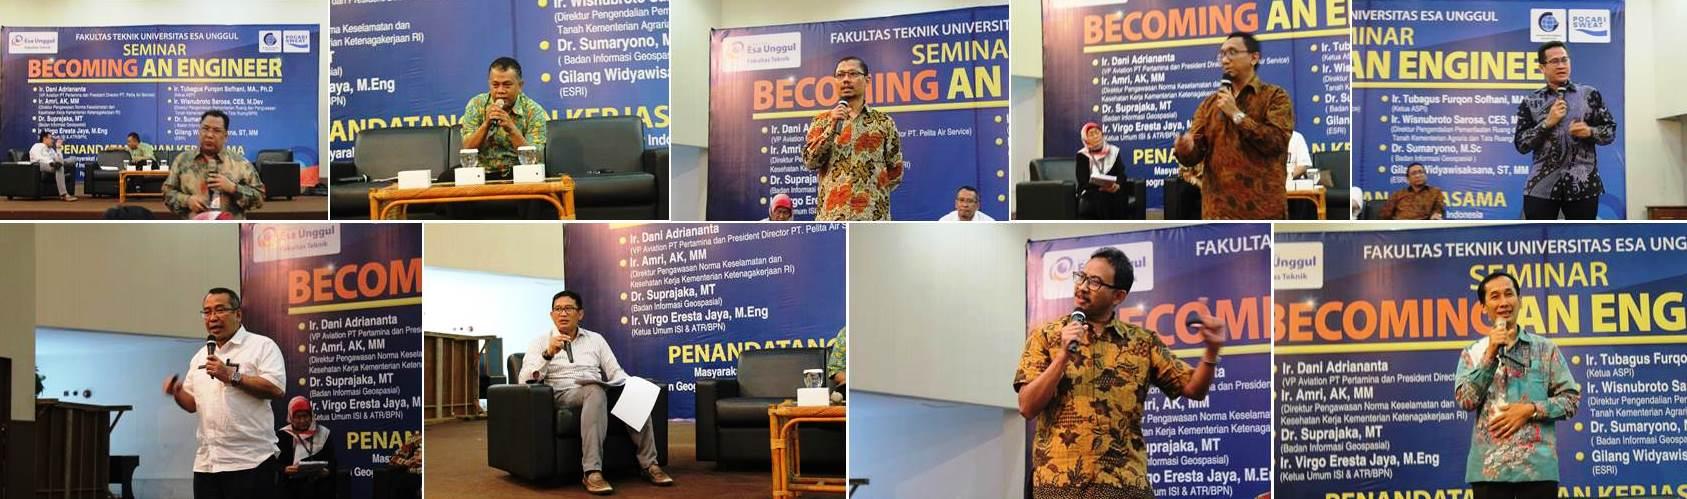 Pembicara di Acara Seminar